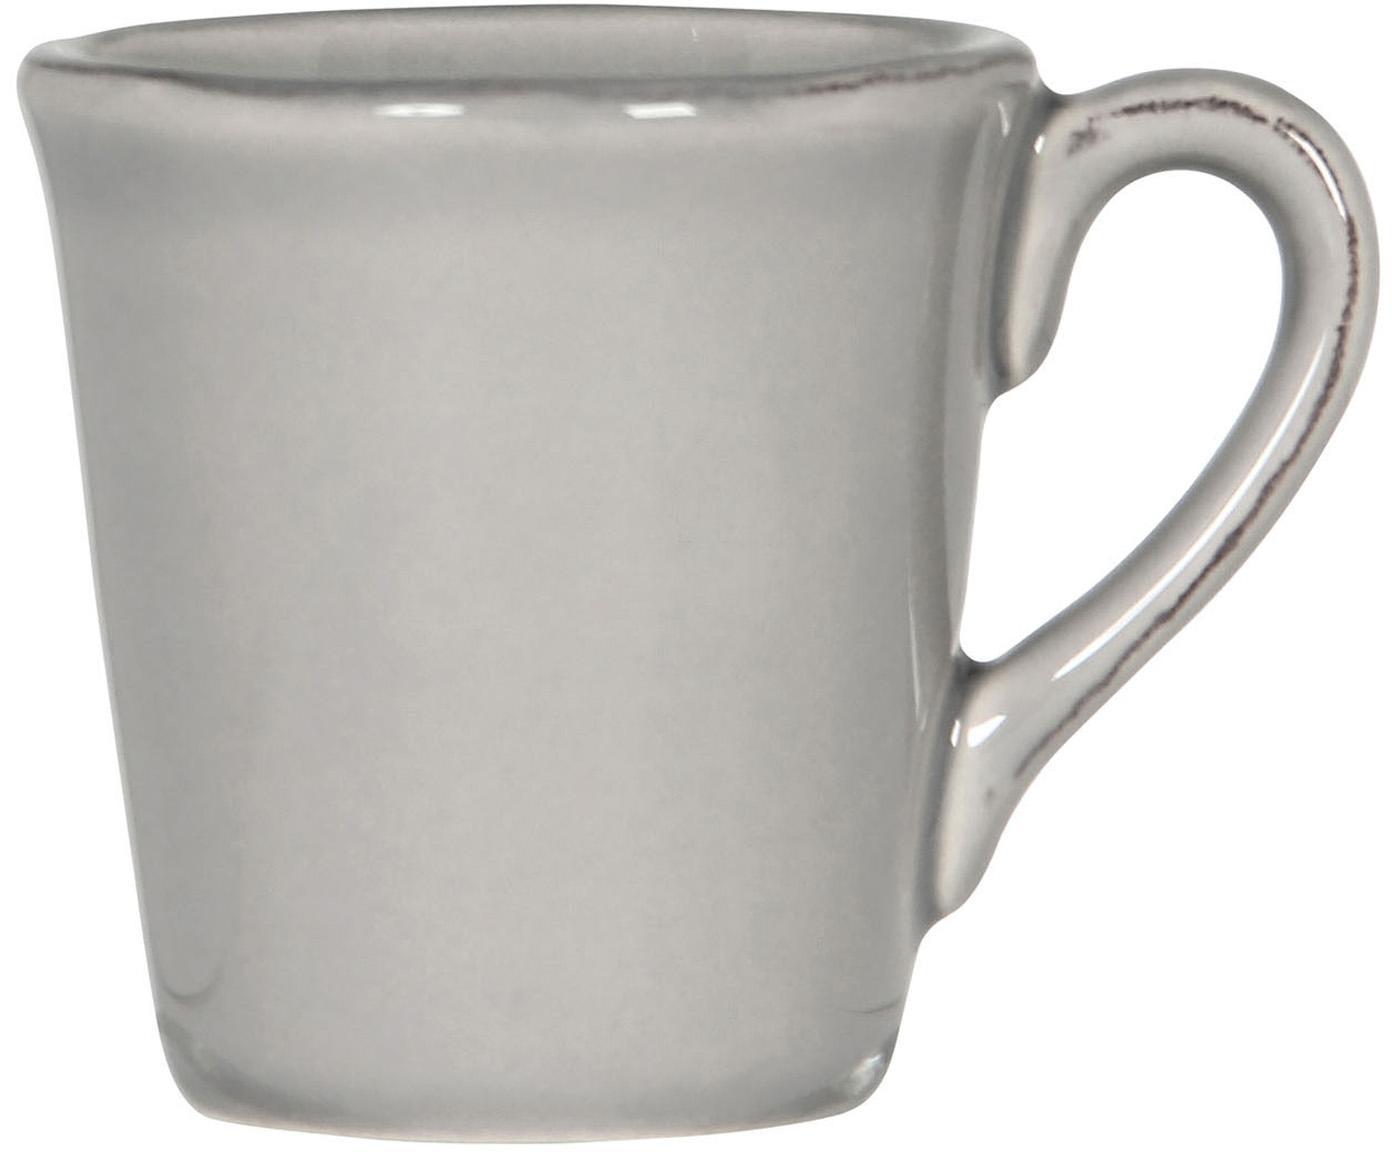 Tazas de café Constance, 2uds., Gres, Gris claro, Ø 8 x Al 6